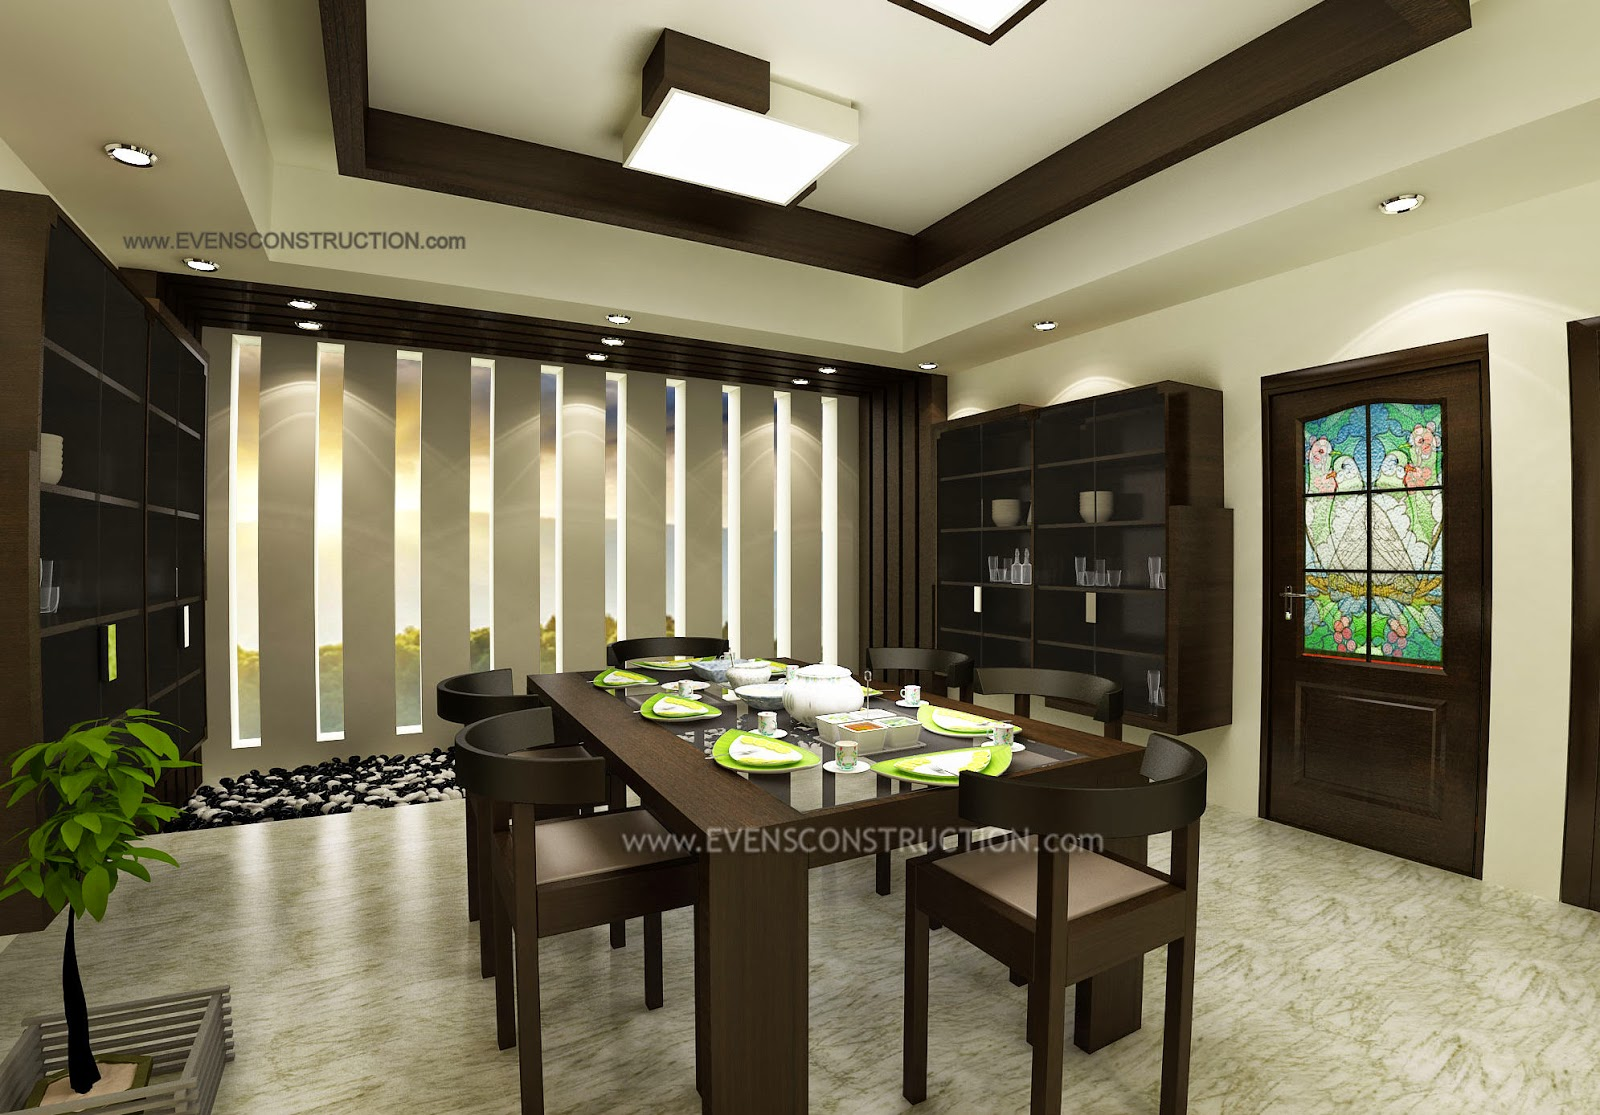 Evens Construction Pvt Ltd: Modern dining room